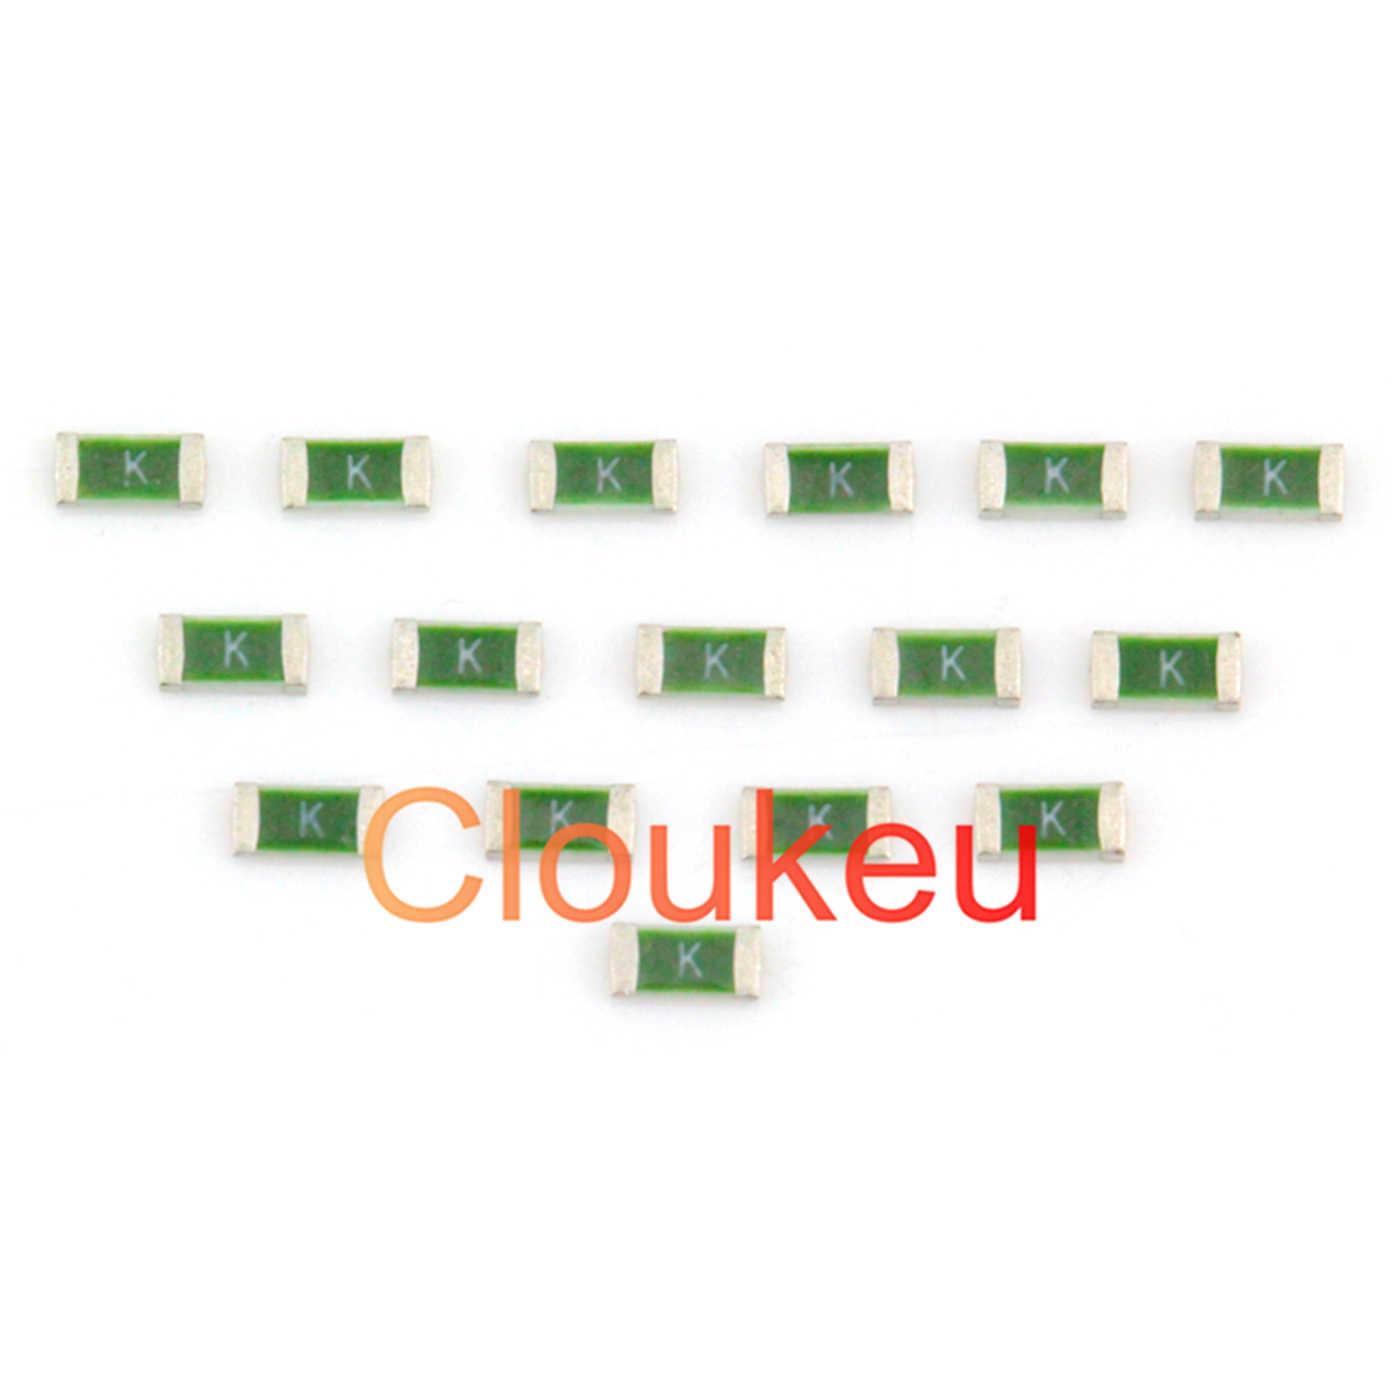 JFC 1206 быстрые выдувные предохранители 72 в 32 в 24 В FS0.25A 0.375A 0.5A 0.75A 1A 1.25A 1.5A 2A 2.5A 3A 4A 5A 6.5A 7A 8A 10A 12A 15A 20A 25A 30A